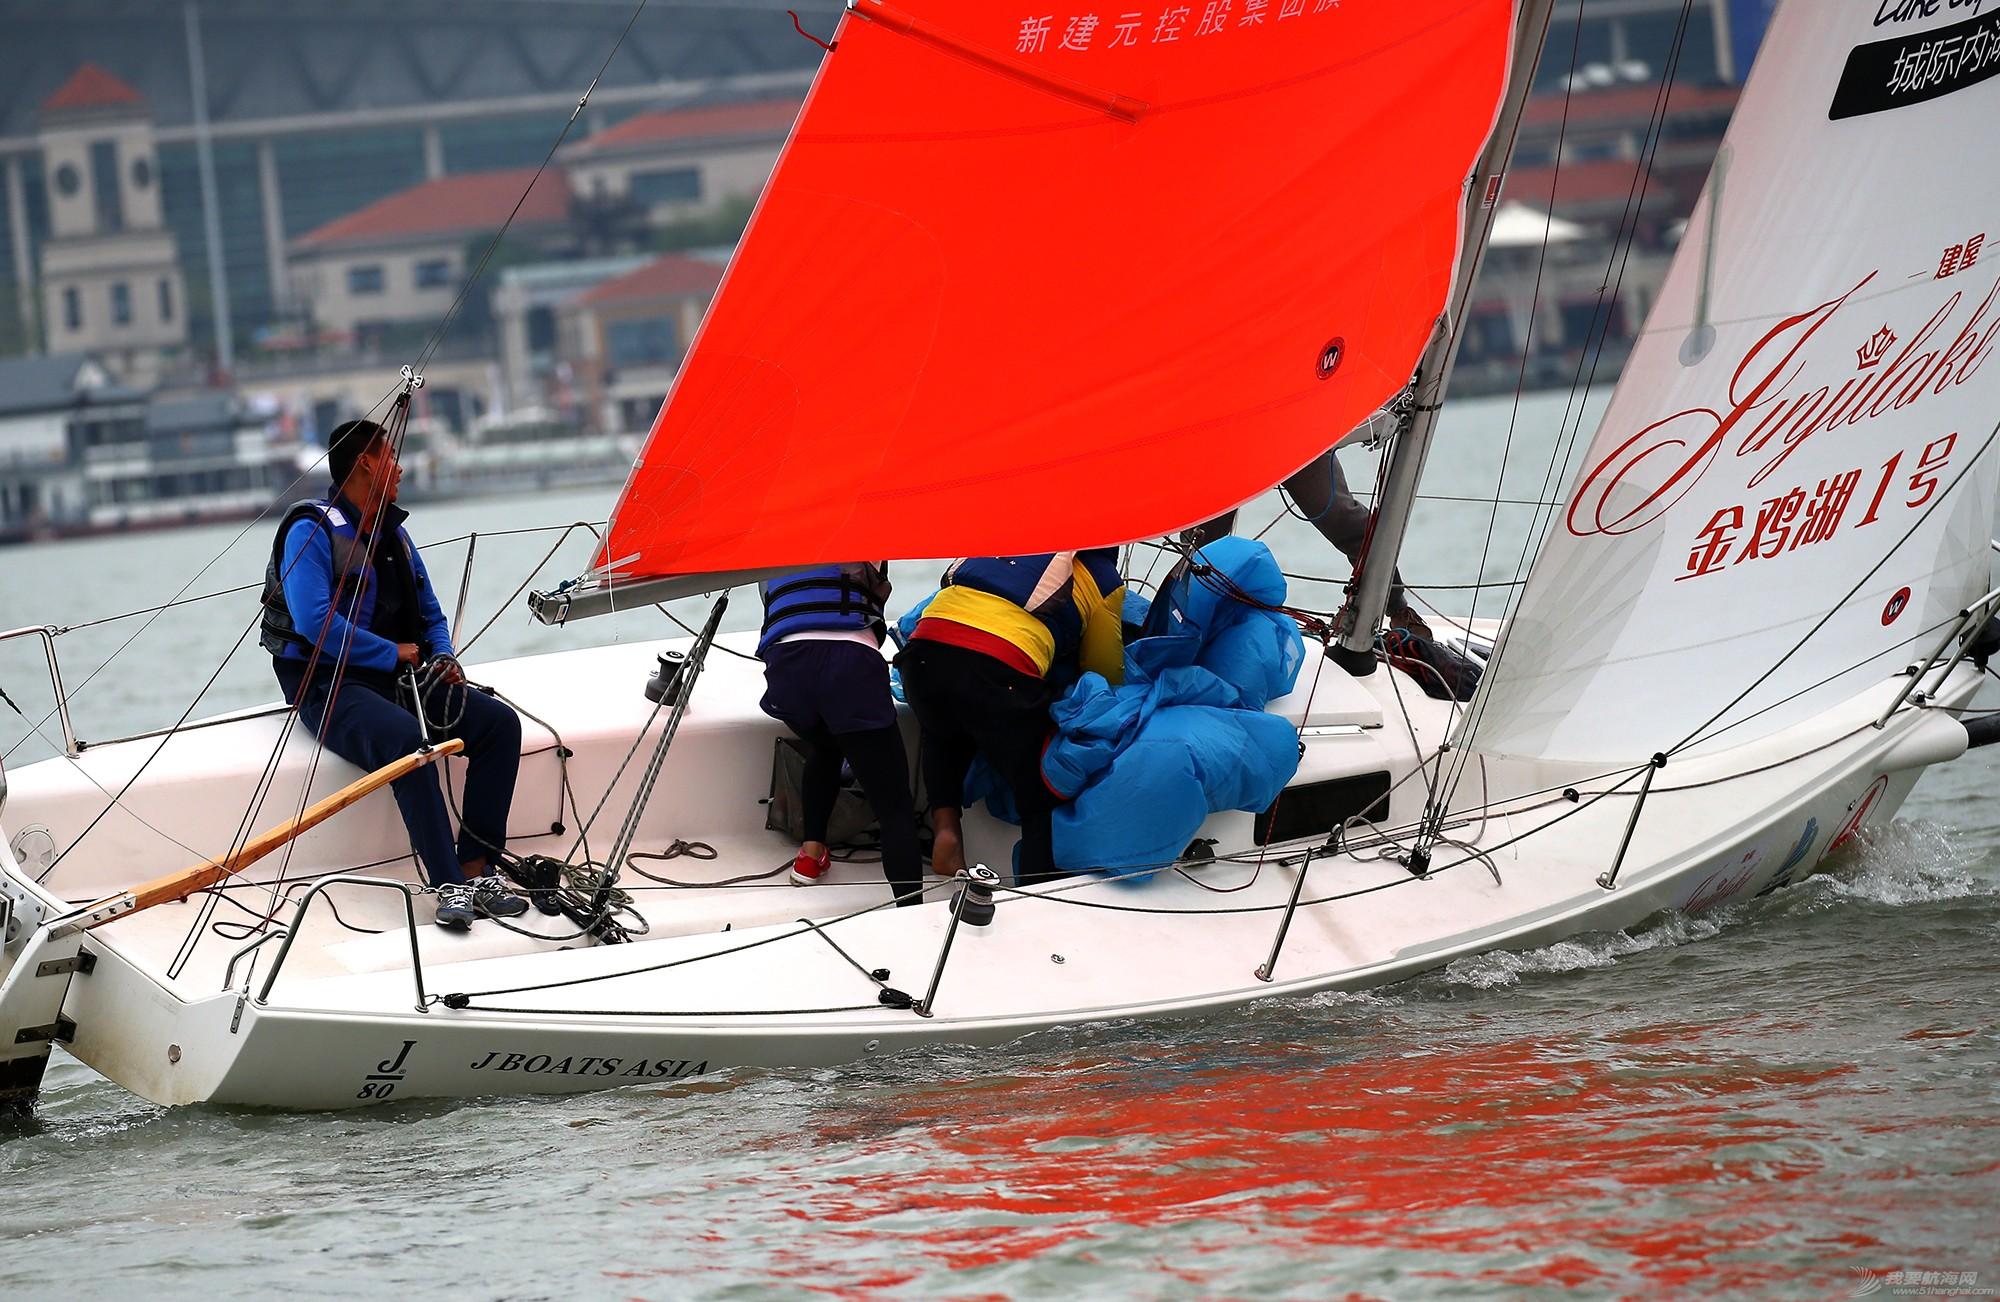 帆船,空间 帆船是灰度空间里跳动的彩色音符 E78W8083.JPG